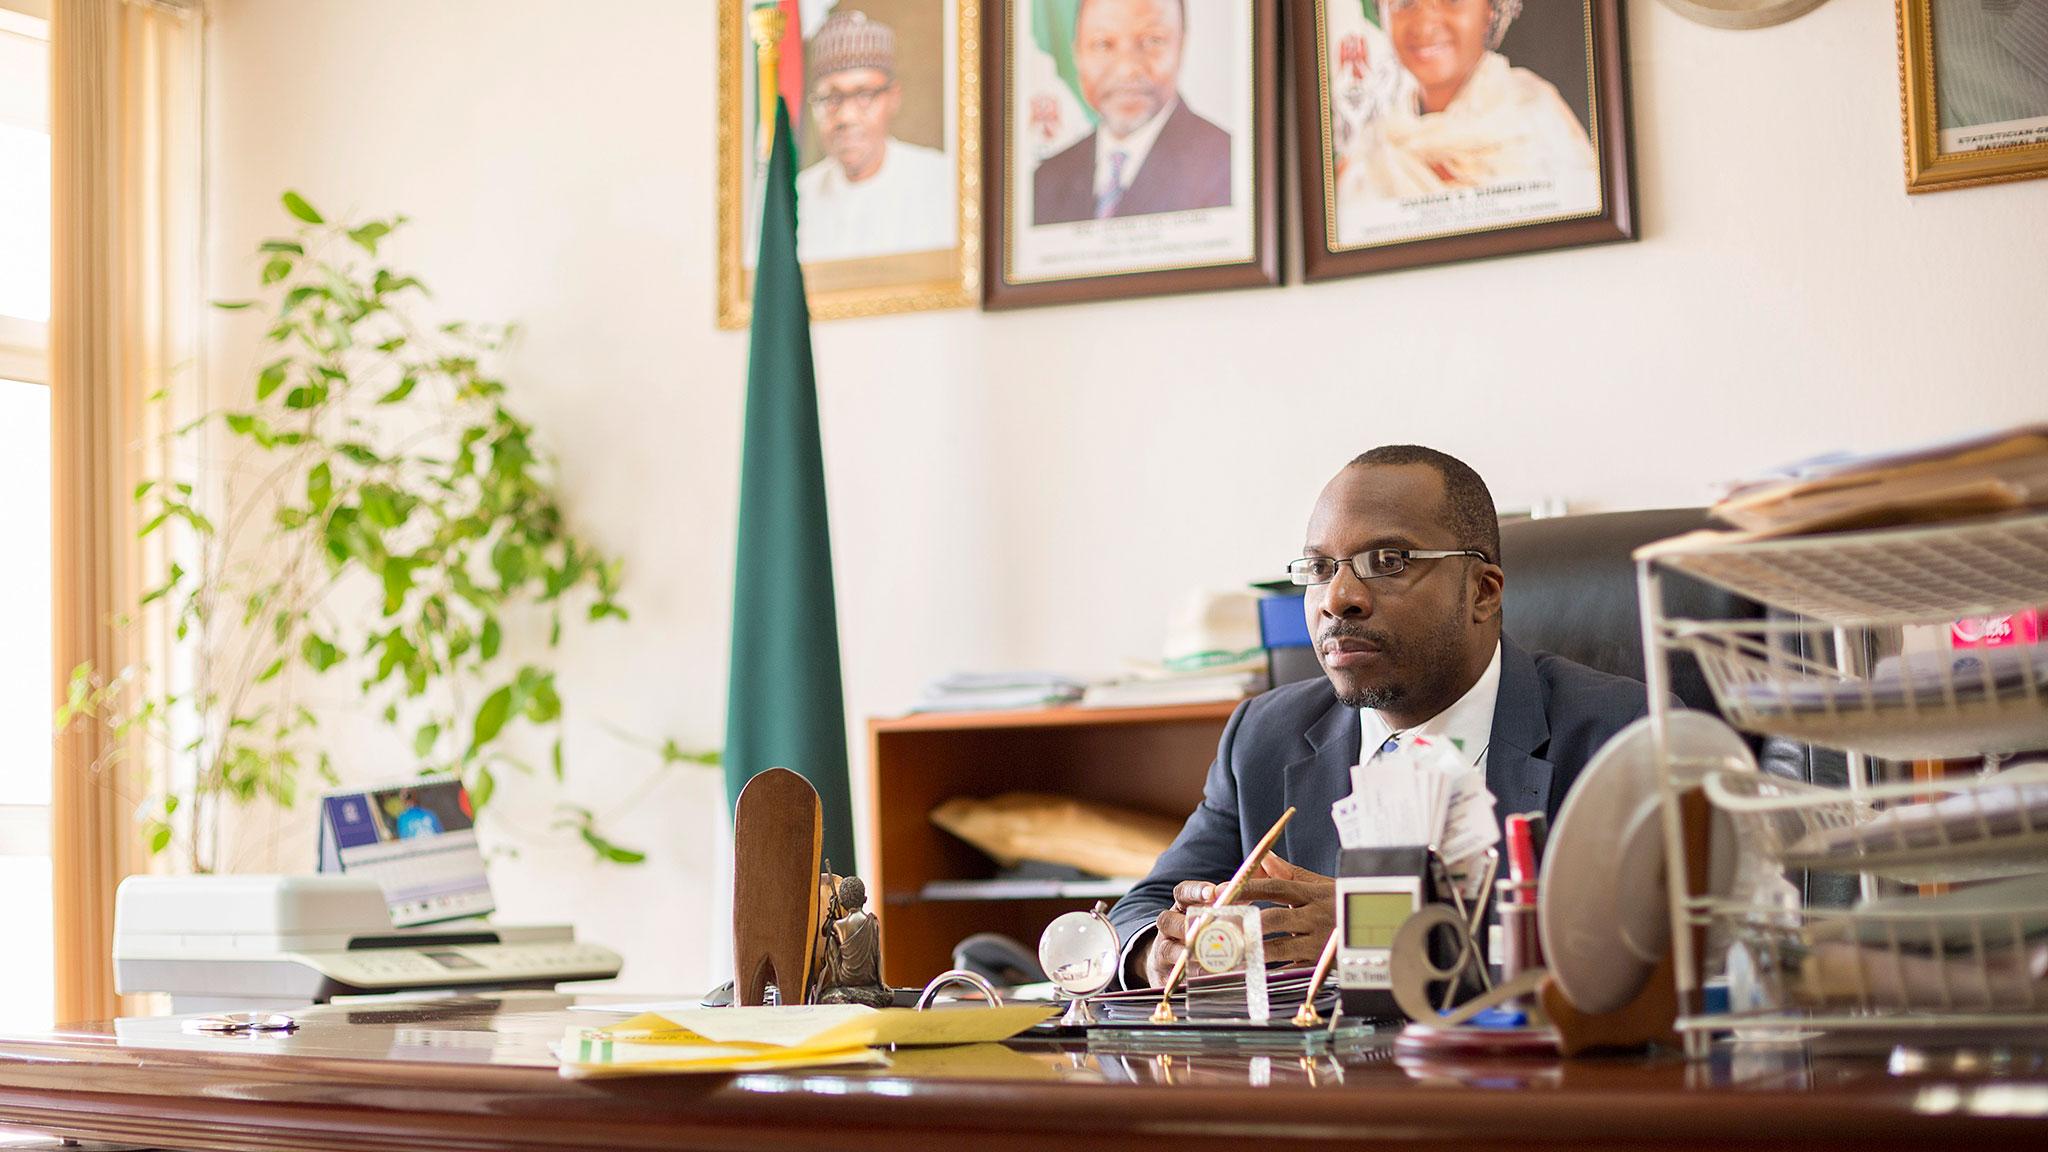 دکتر یمی کیل (Yemi Kale) مدیر اداره ملی آمار کشور آفریقایی نیجریه